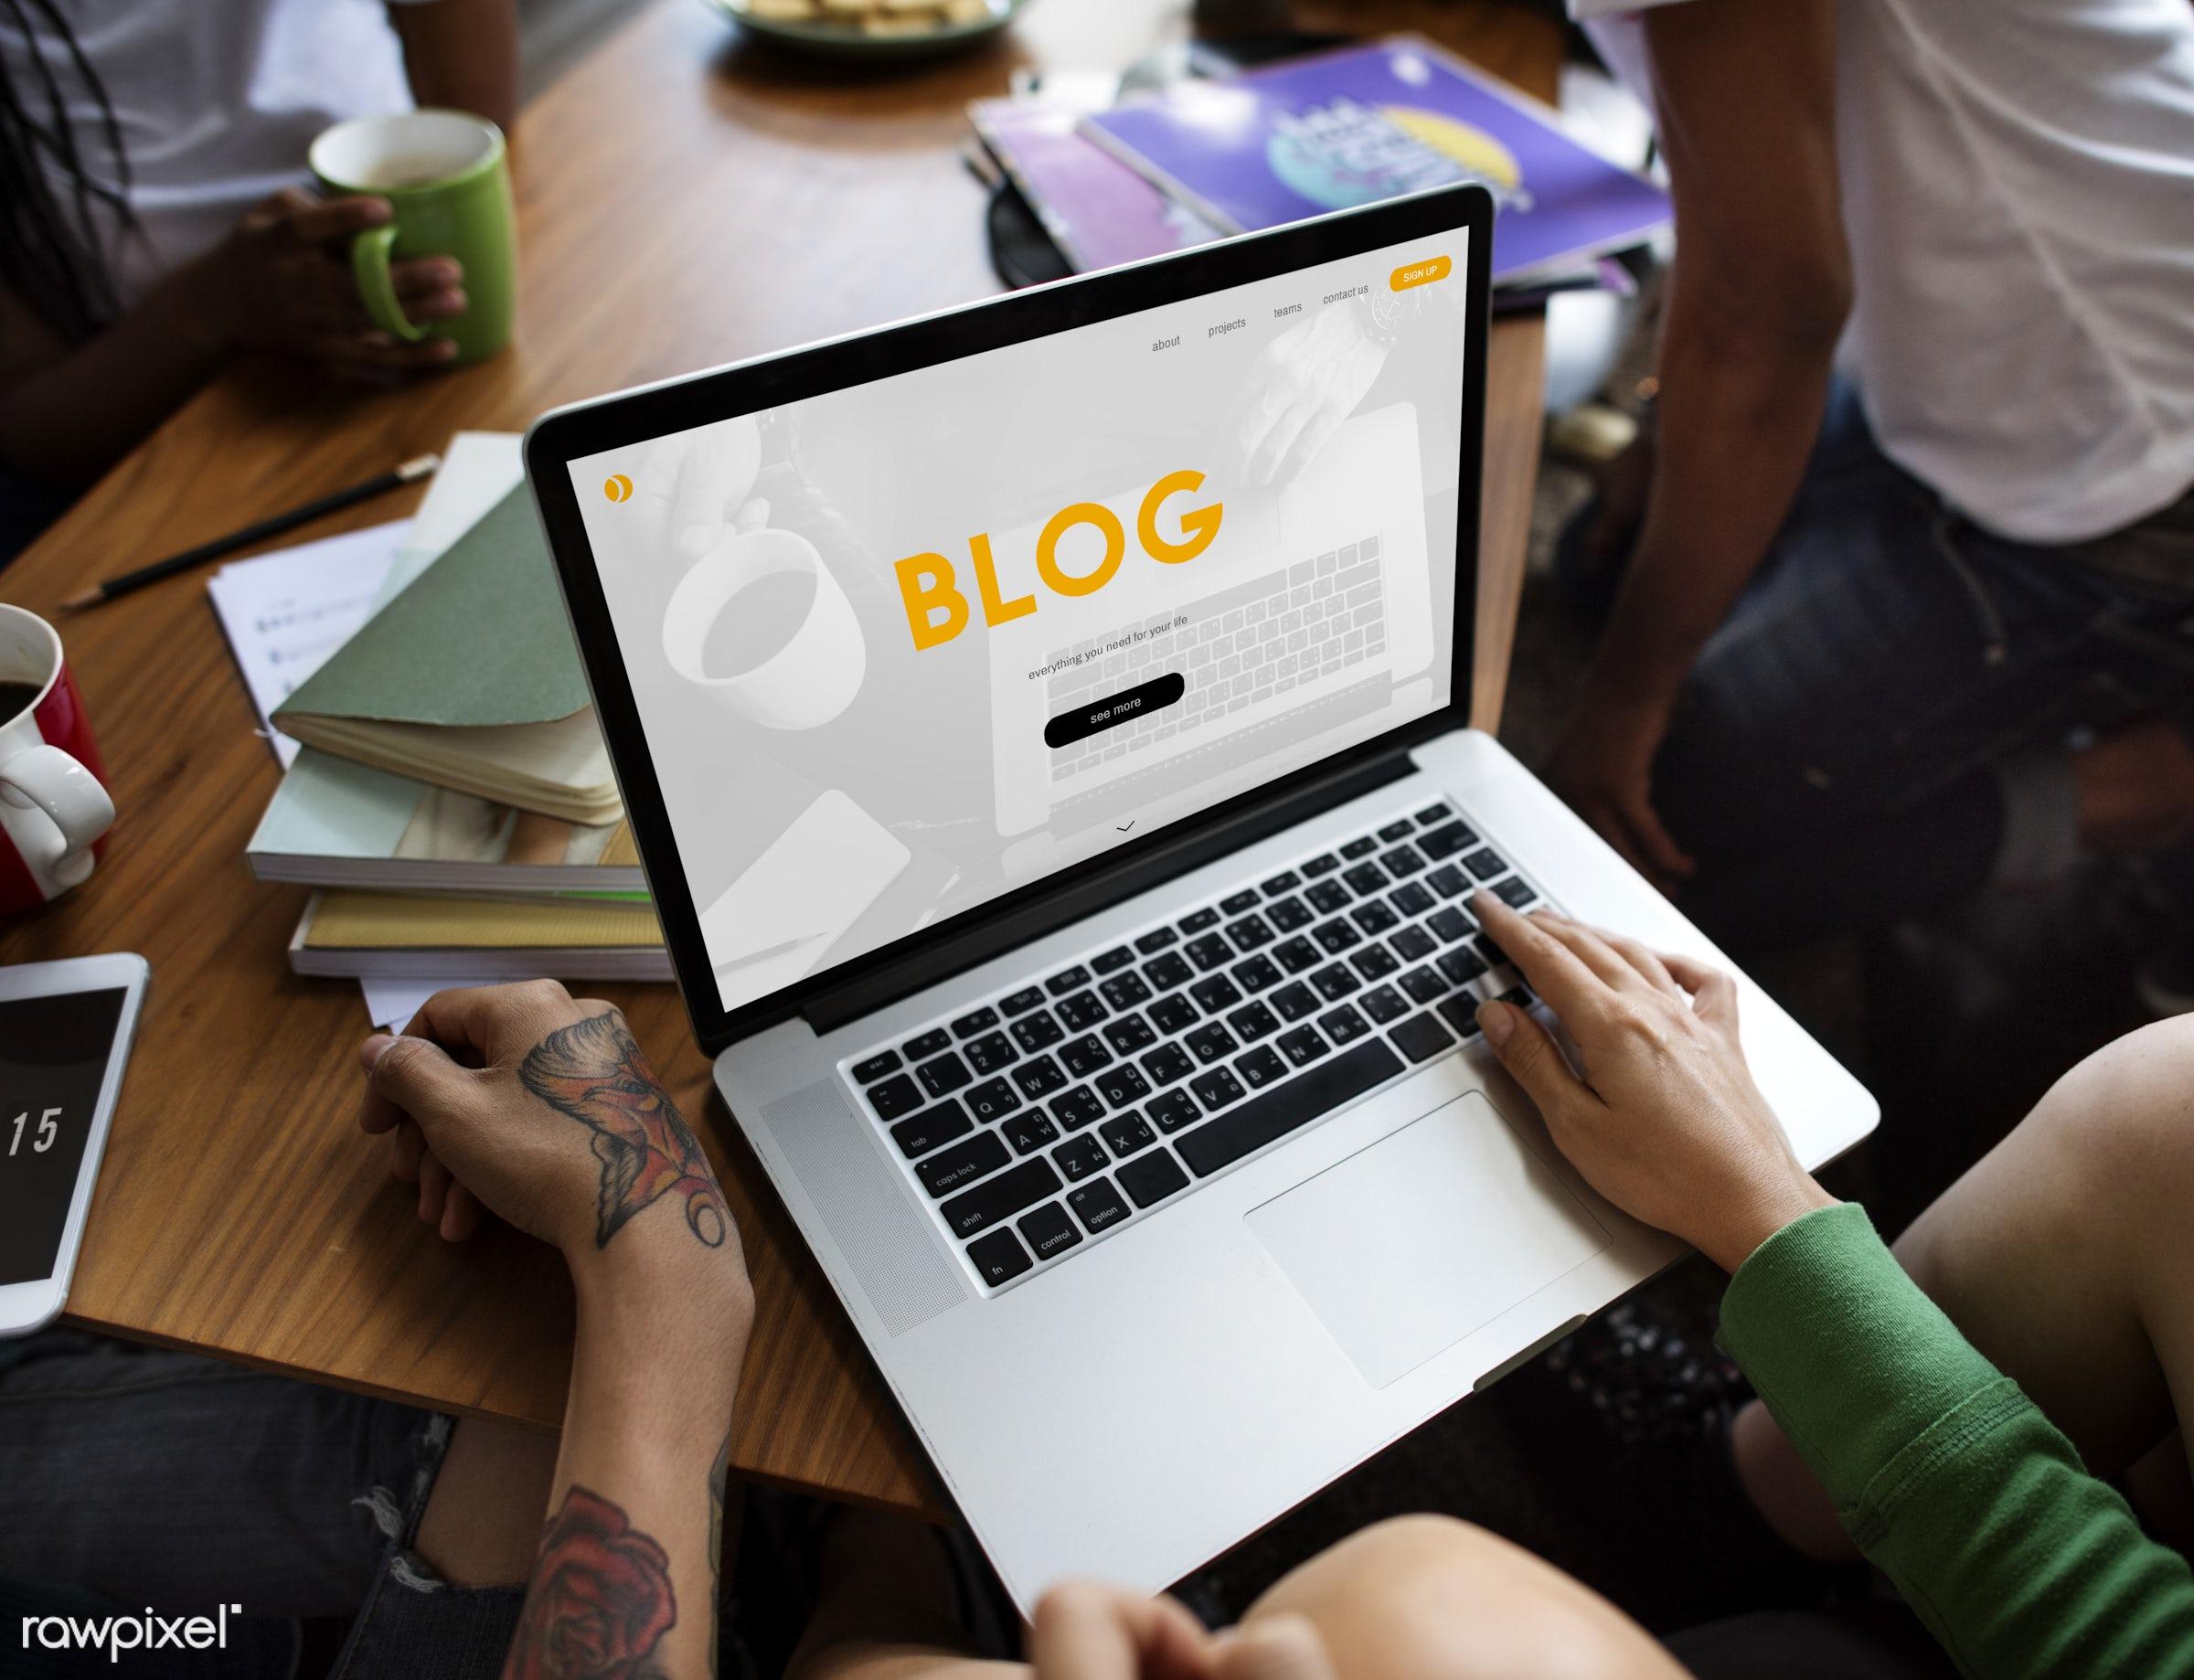 african descent, asian, blog, caucasian, chat, communication, community, connection, content, digital, diversity, element,...